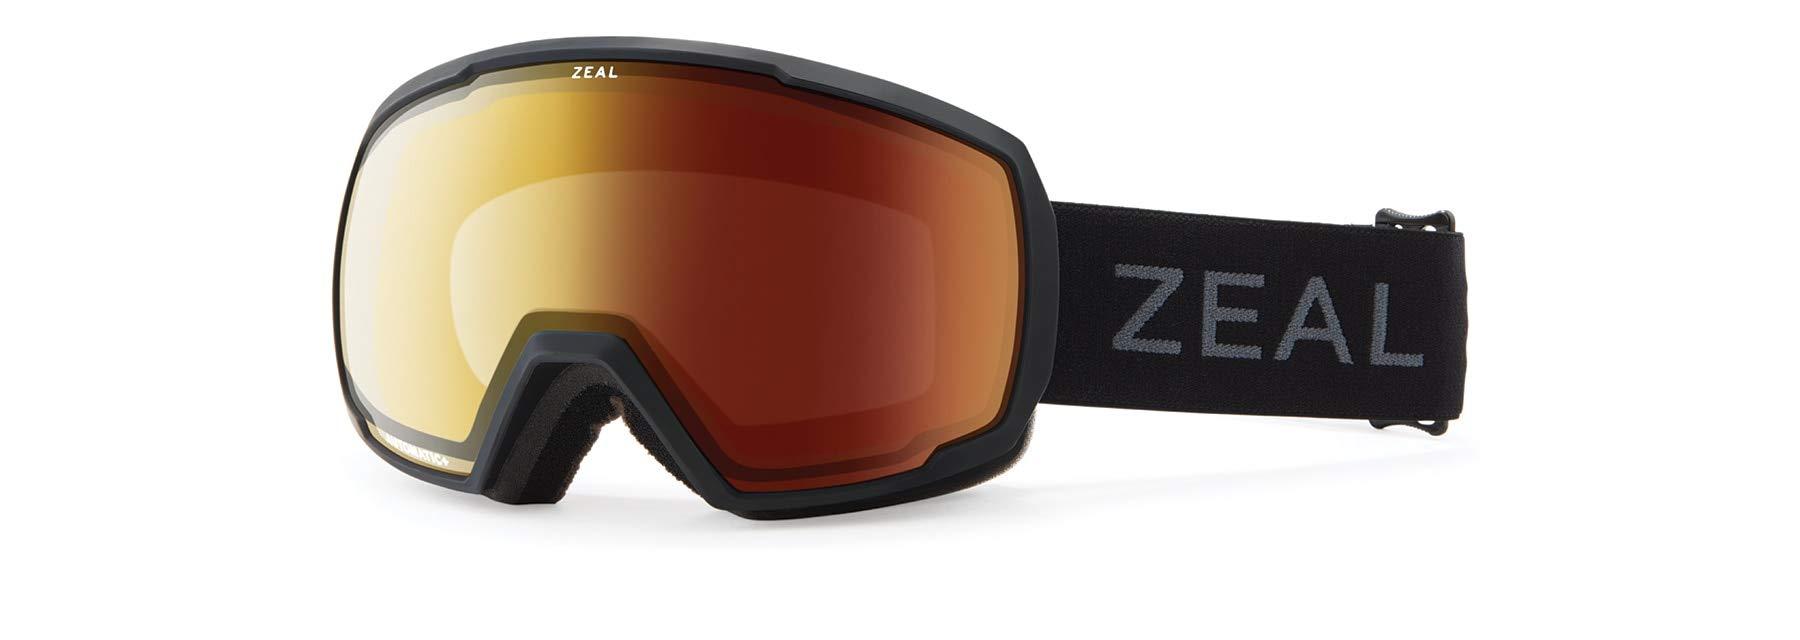 Zeal Optics Nomad Goggle Automatic